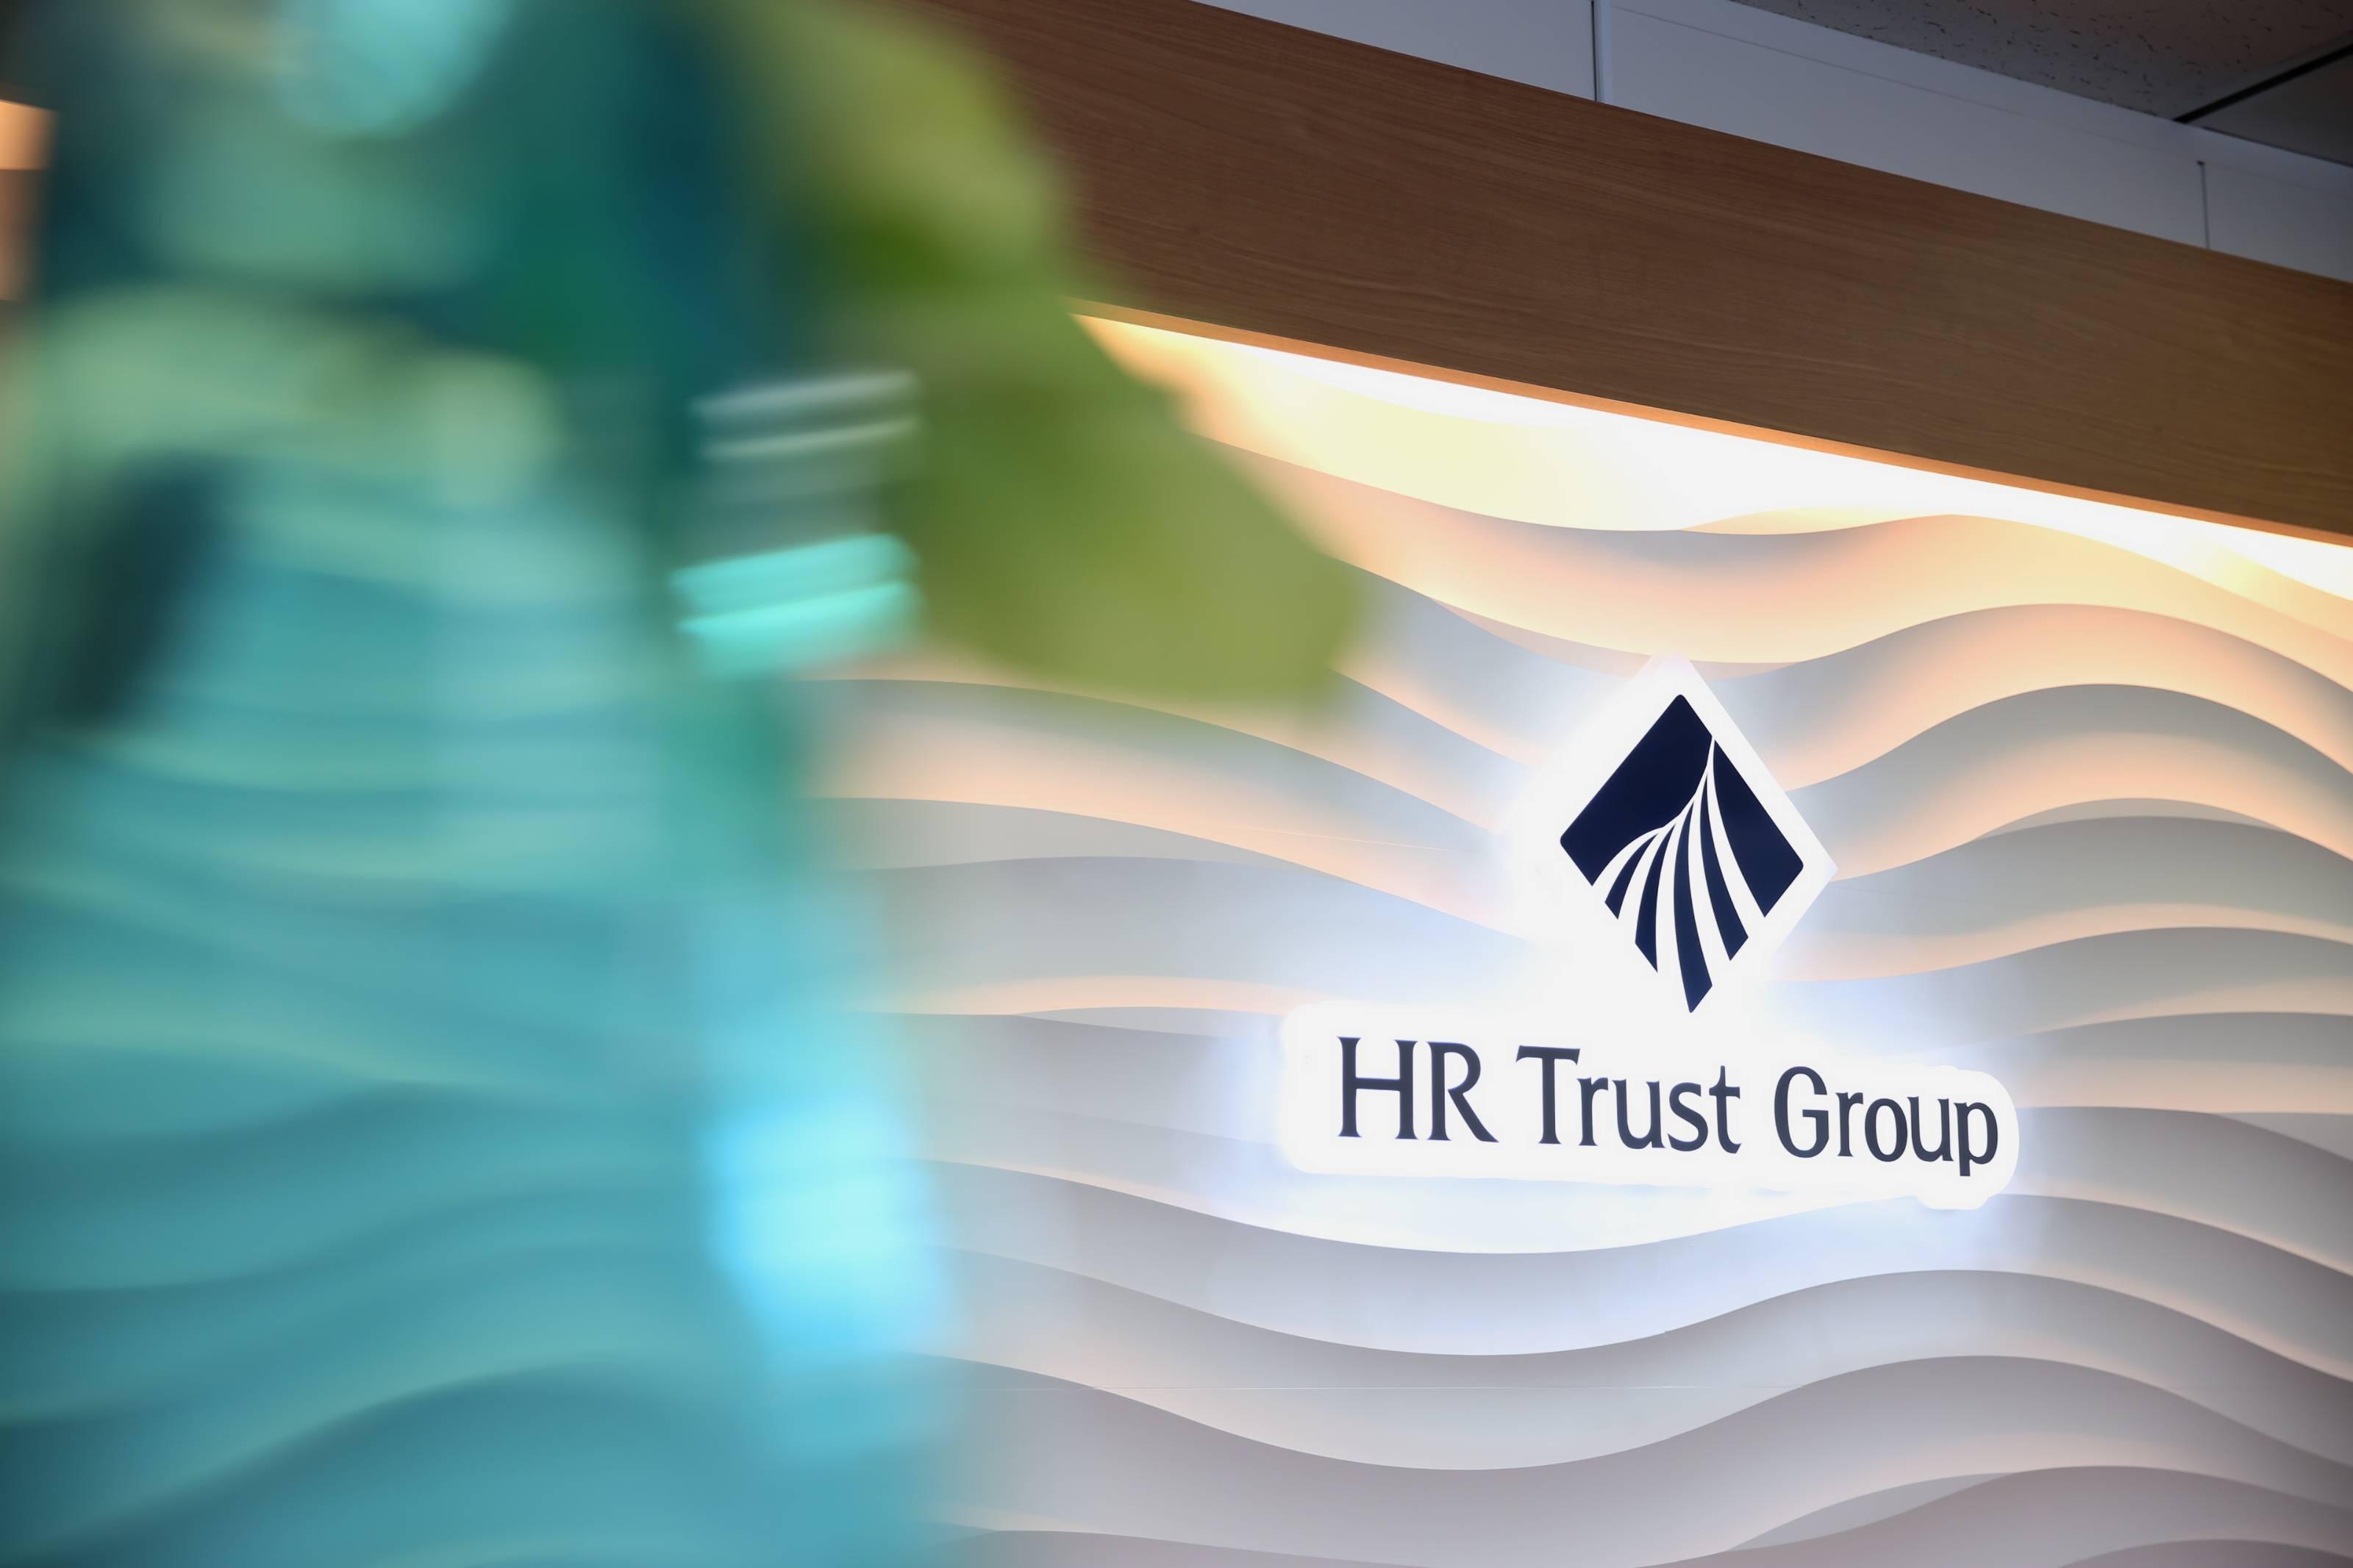 株式会社HR Trust